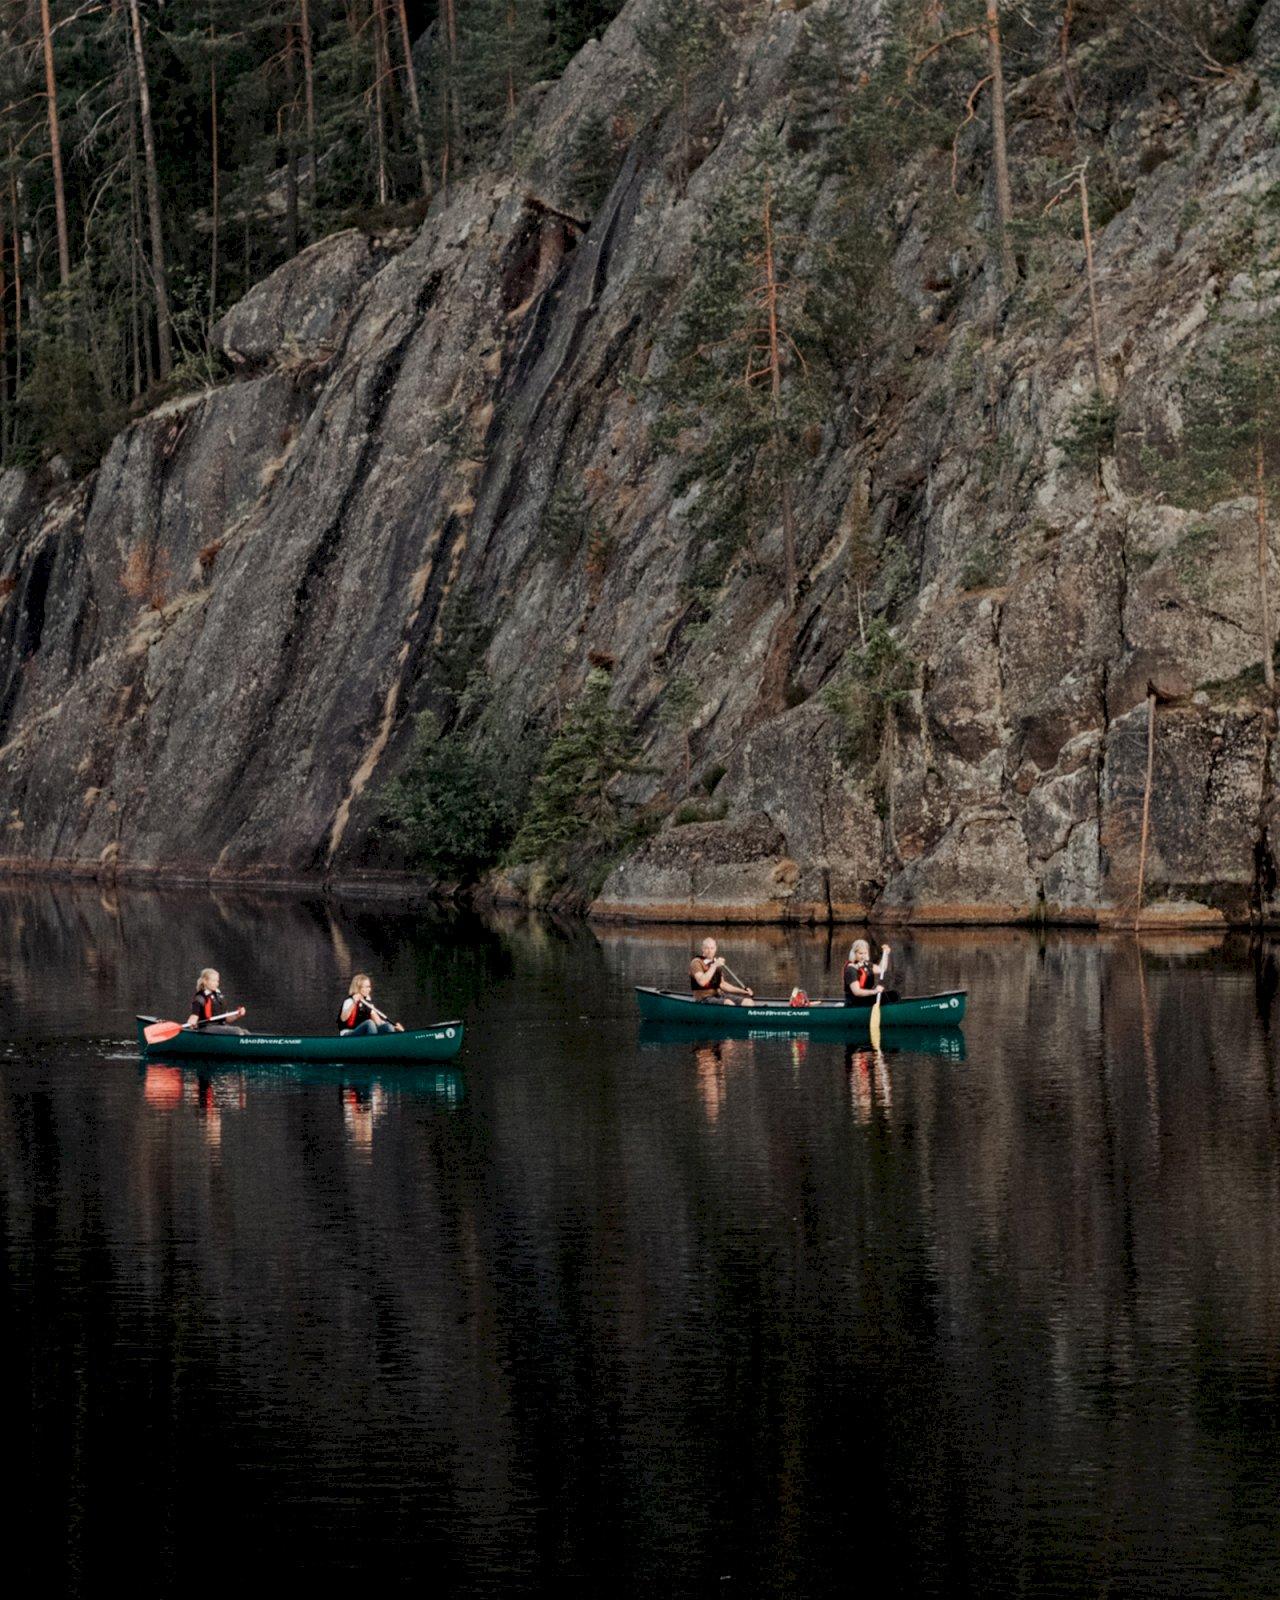 Neljä naista meloo järvellä kallioisessa metsämaisemassa.